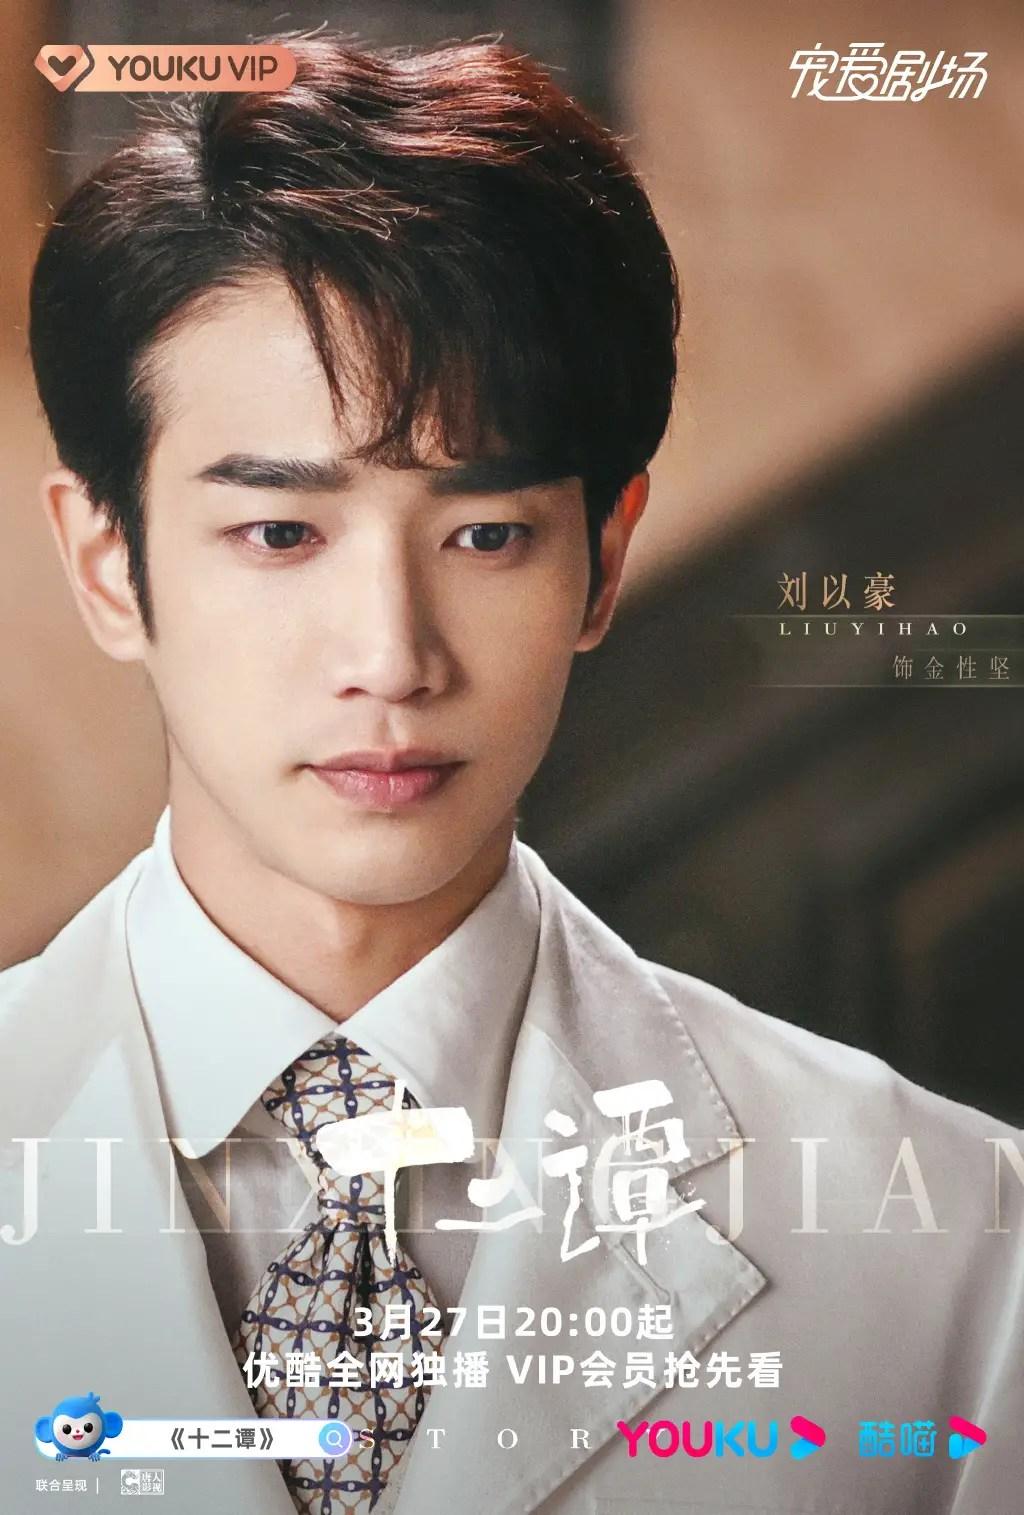 Liu Yi Hao